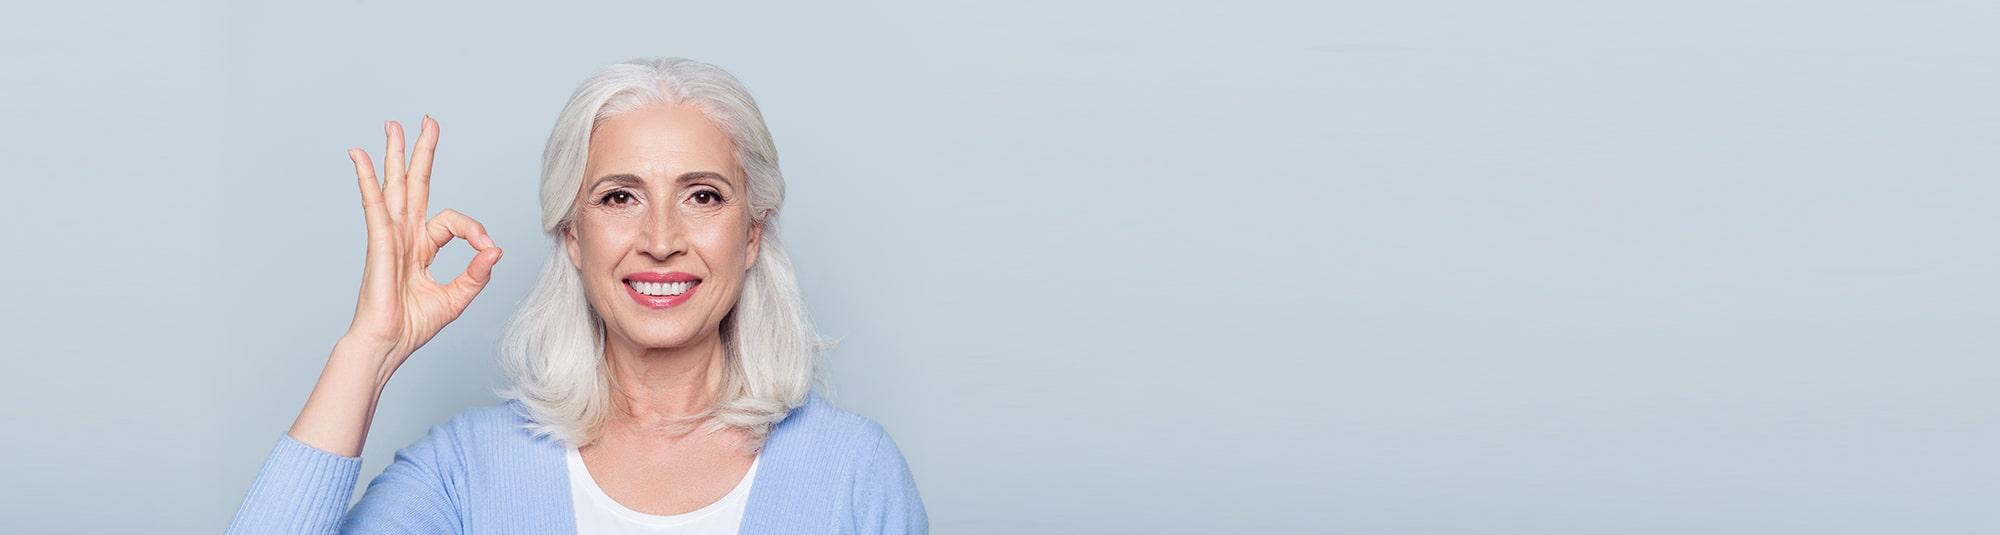 Traiter le vieillissement du visage chez la femme